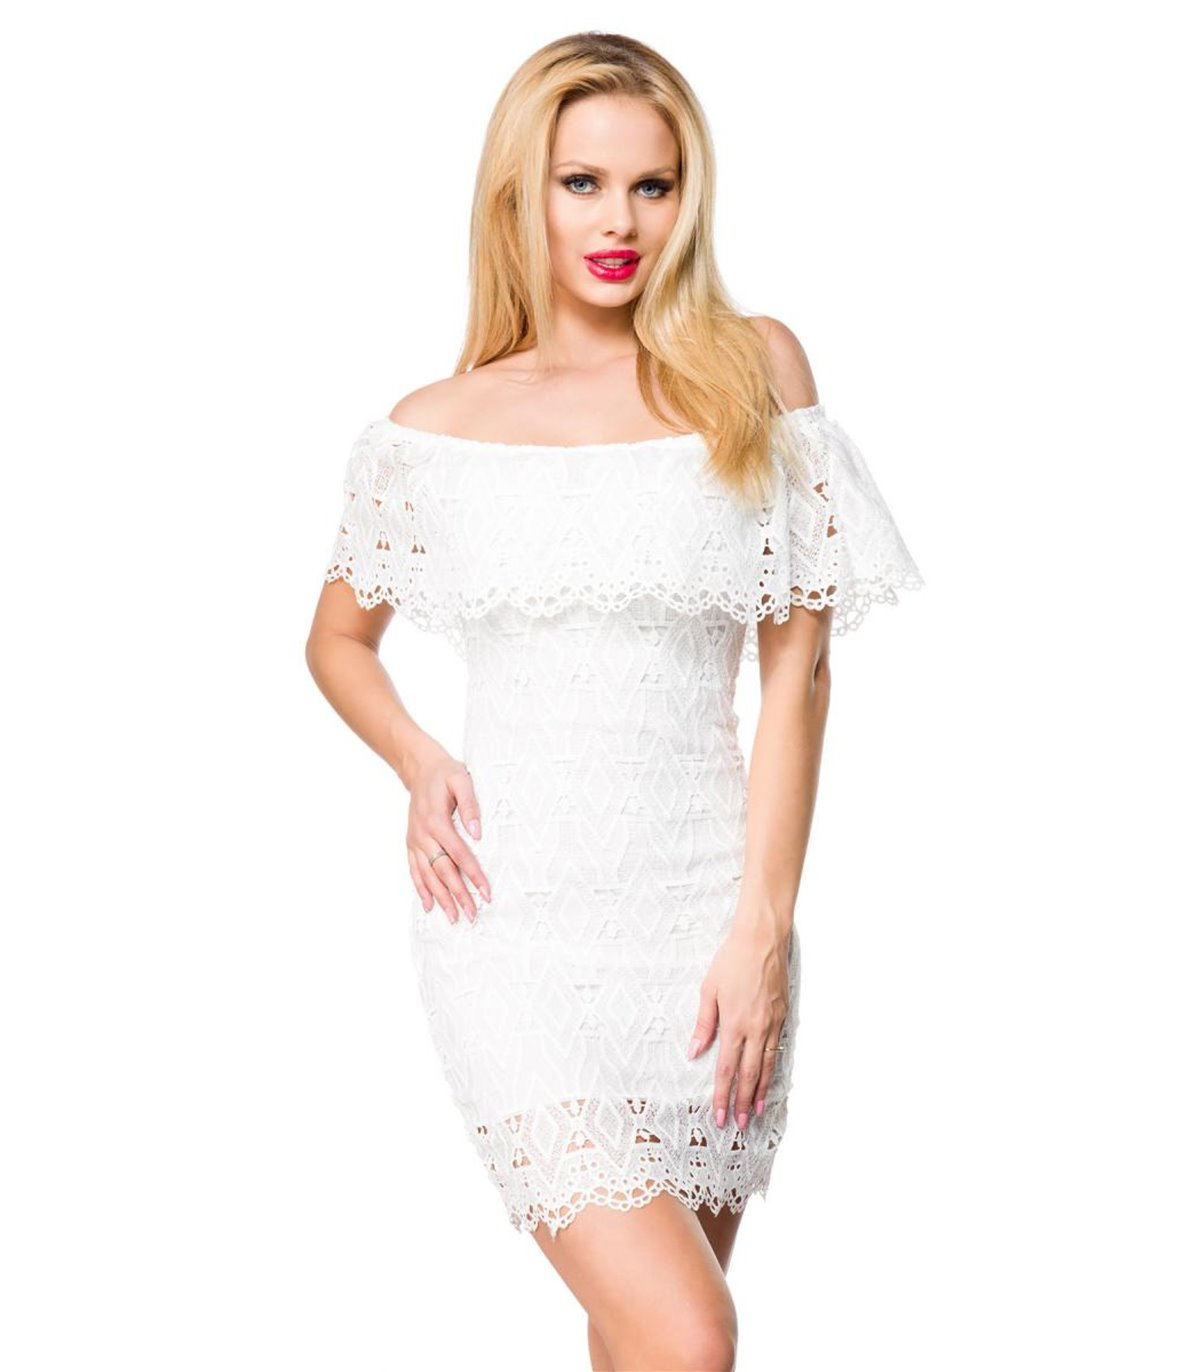 Atixo Spitzenkleid weiss - kurze Kleider online günstig kaufen